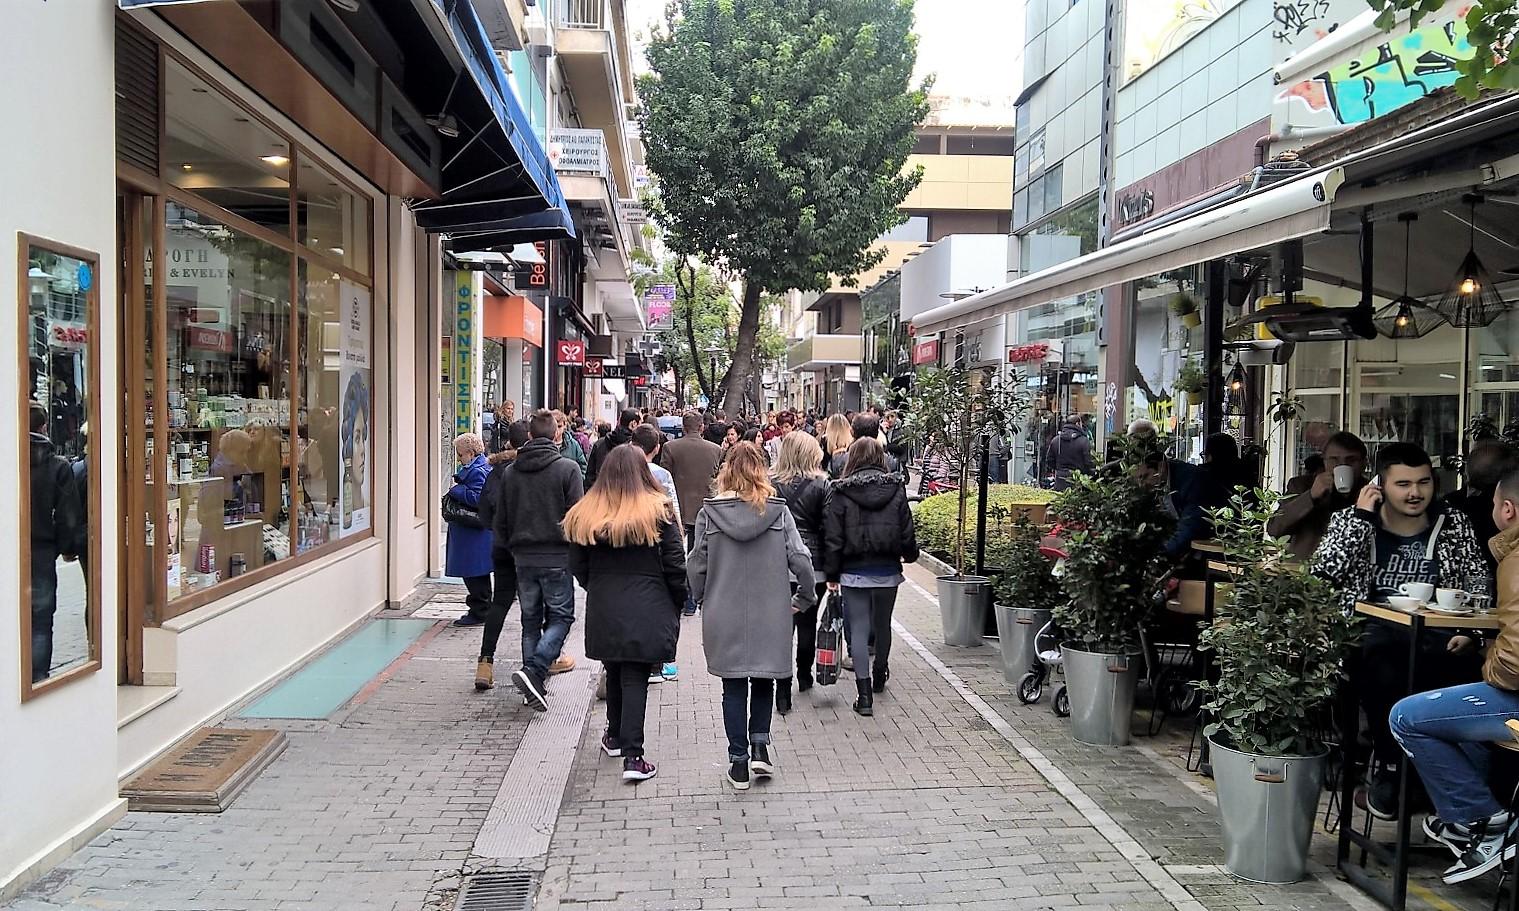 Ξεκινάει το θερινό ωράριο στην αγορά της Λάρισας – Δείτε πως θα λειτουργούν τα καταστήματα